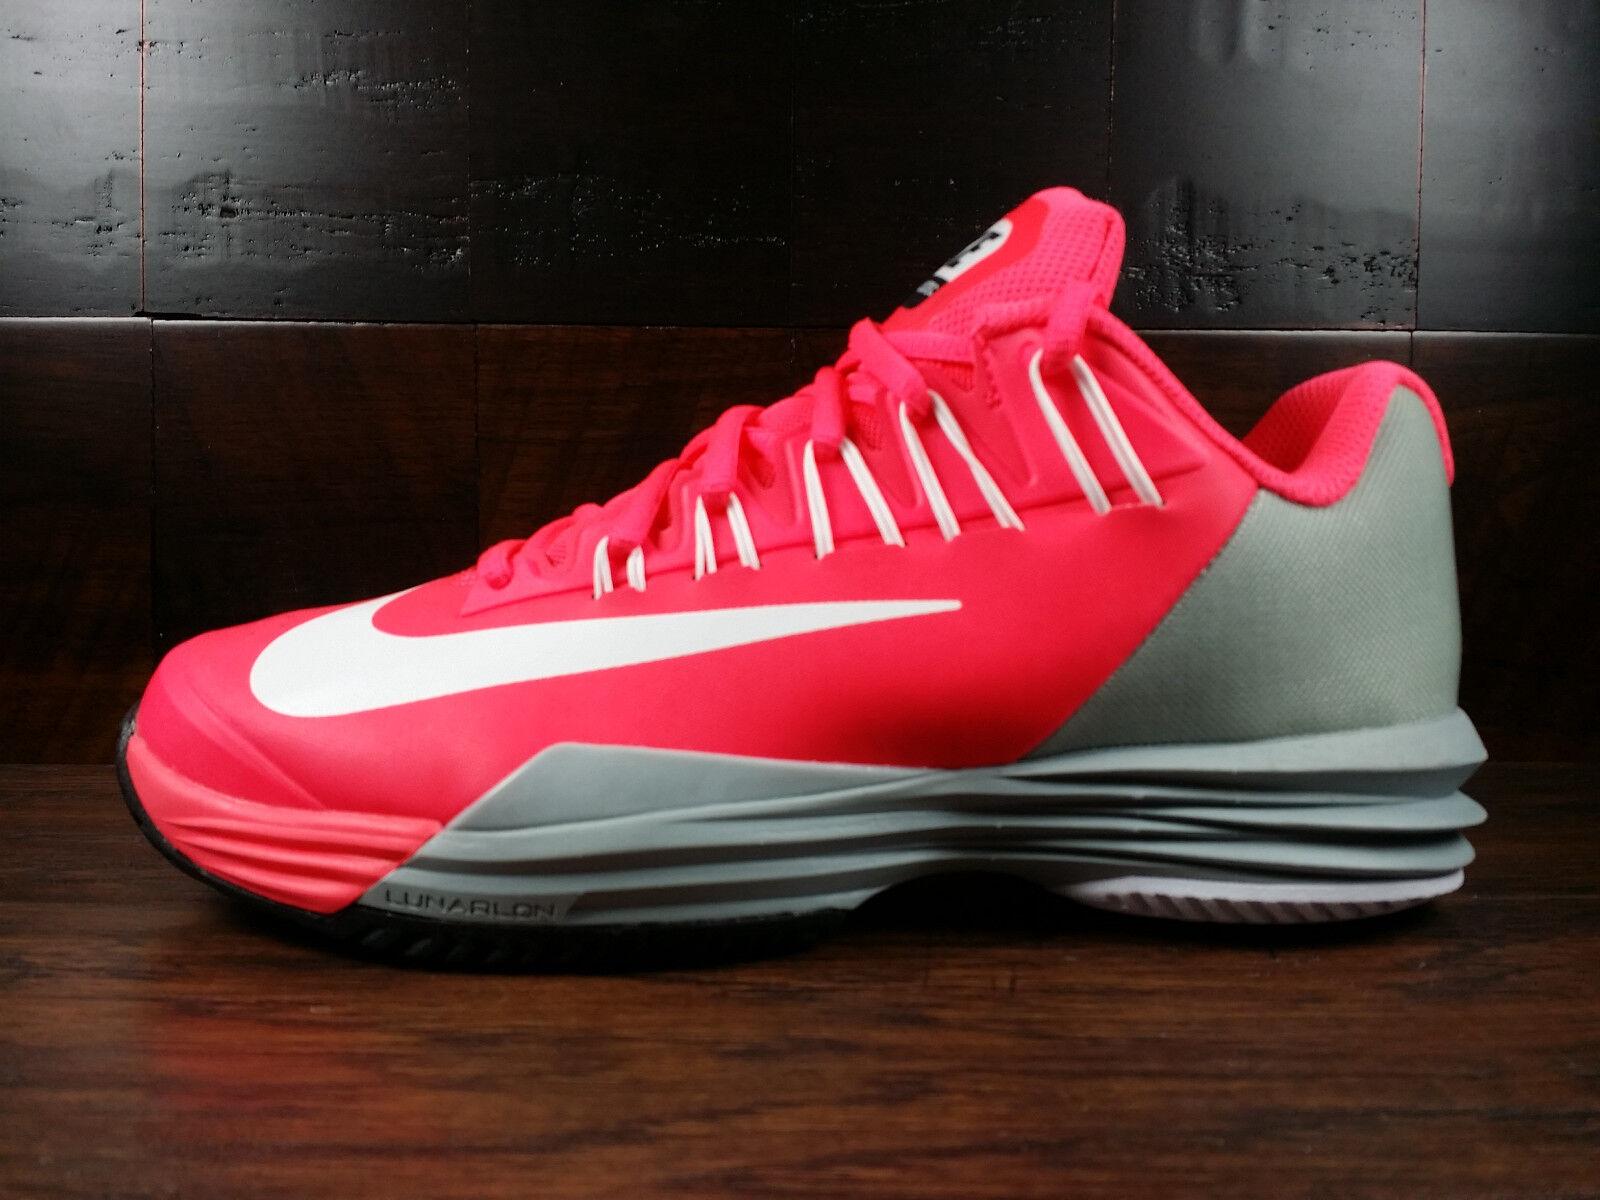 Nike Lunar Ballister (Hypertpunch) Tennis Wmns Sz 6 -10